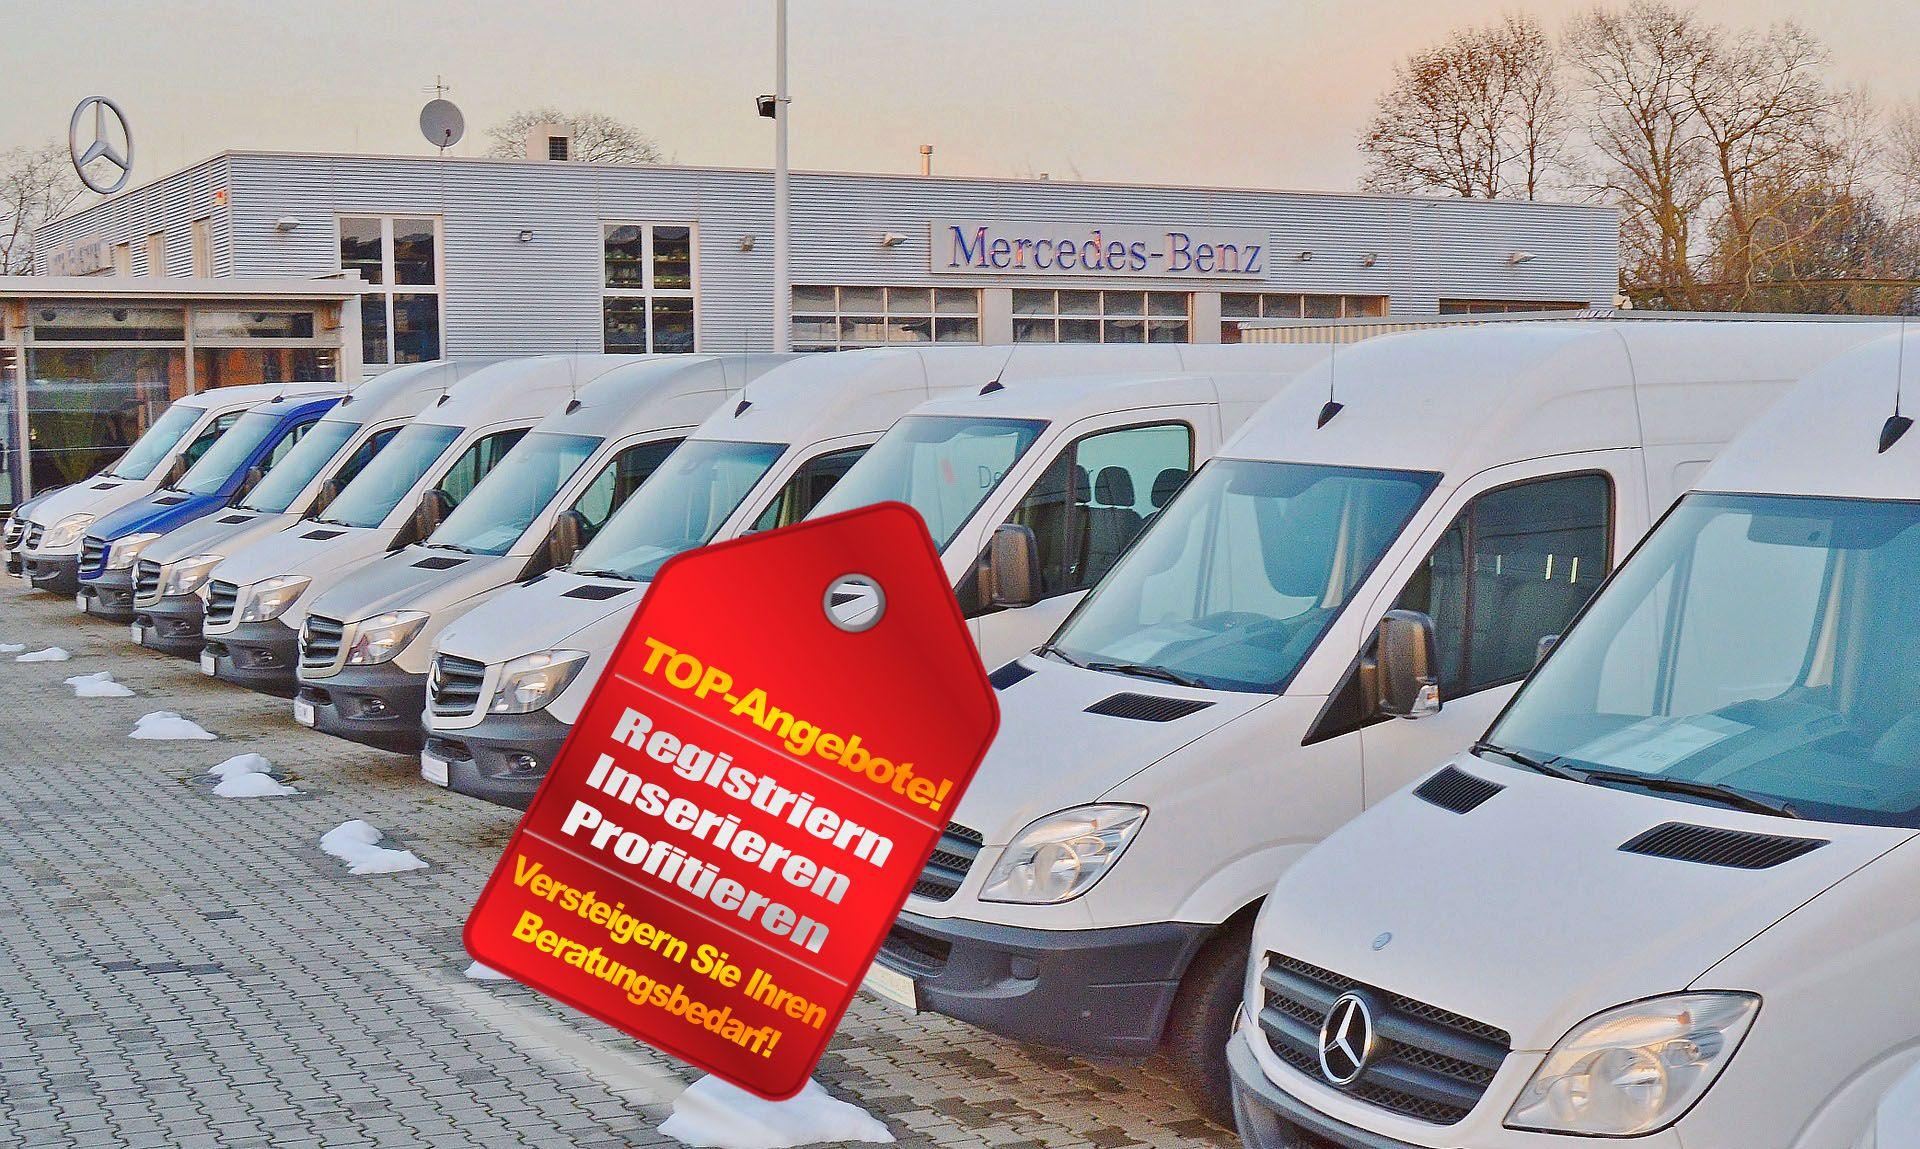 KFZ-Flottenversicherung - für gewerbliche Kraftfahrzeuge! Auktionen für Flottenversicherungen / Fuhrparks kommen unter den Hammer!